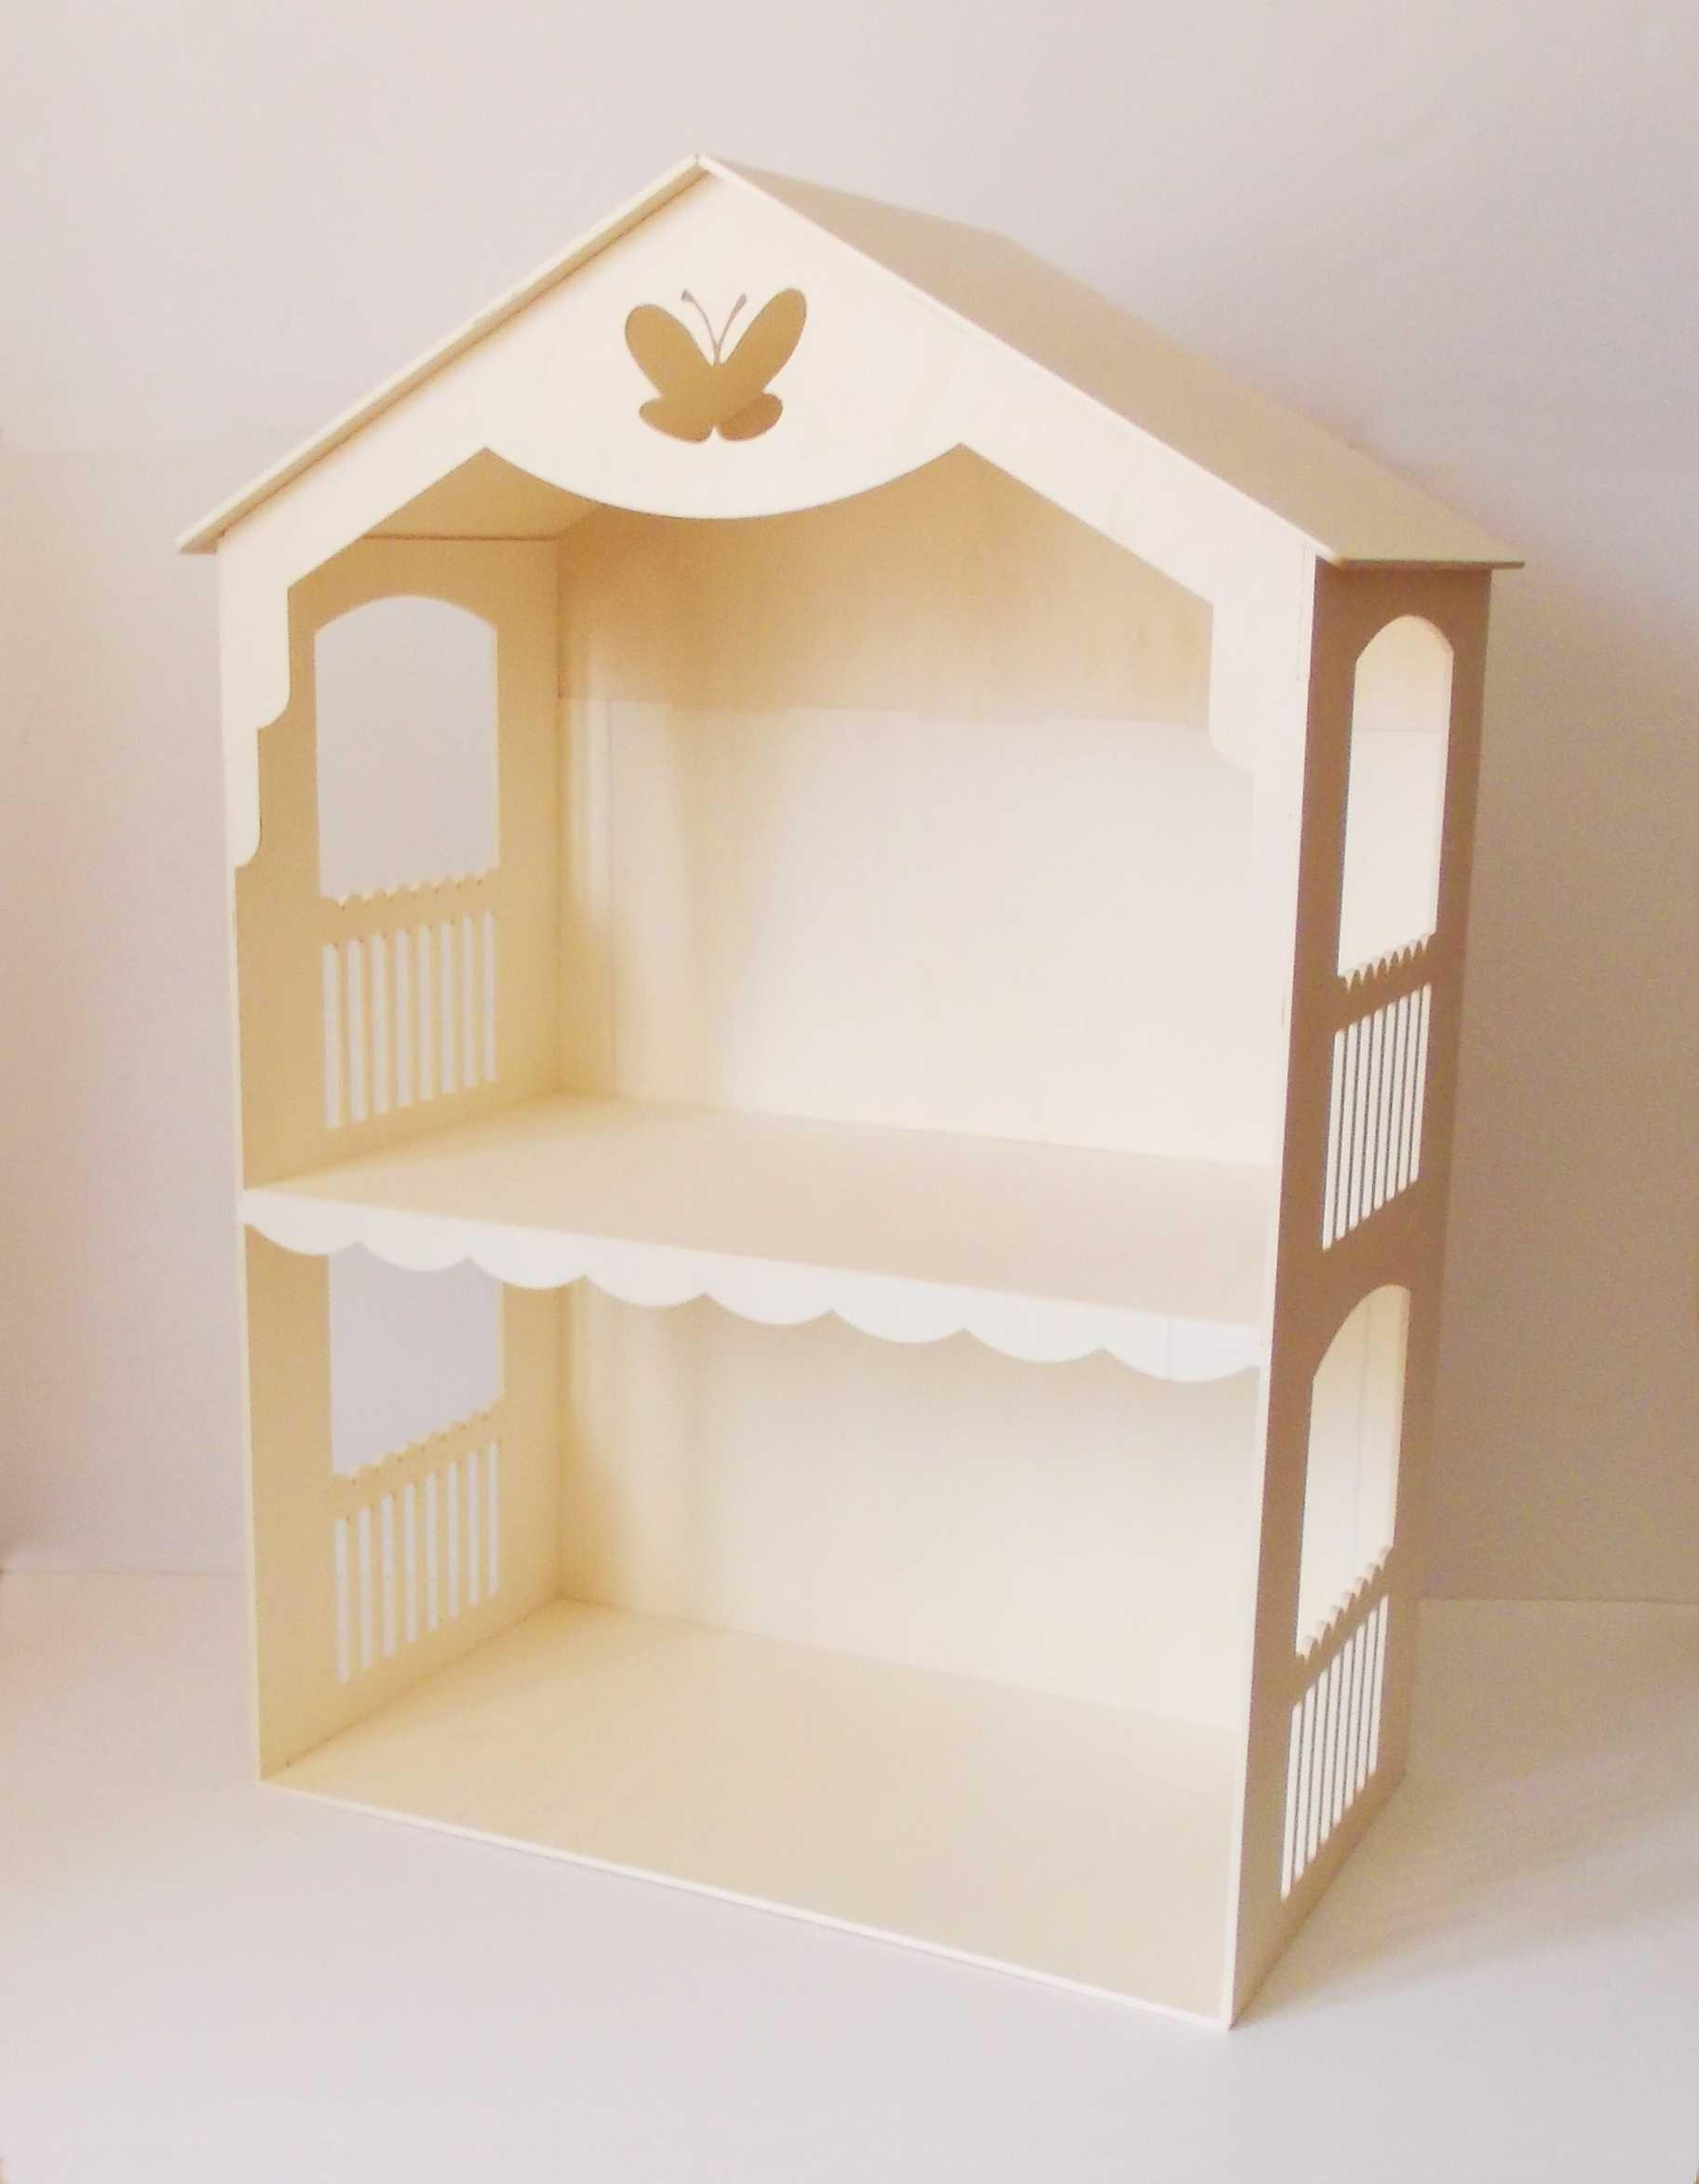 Plan maison de barbie en bois ventana blog - Plan de maison de barbie ...